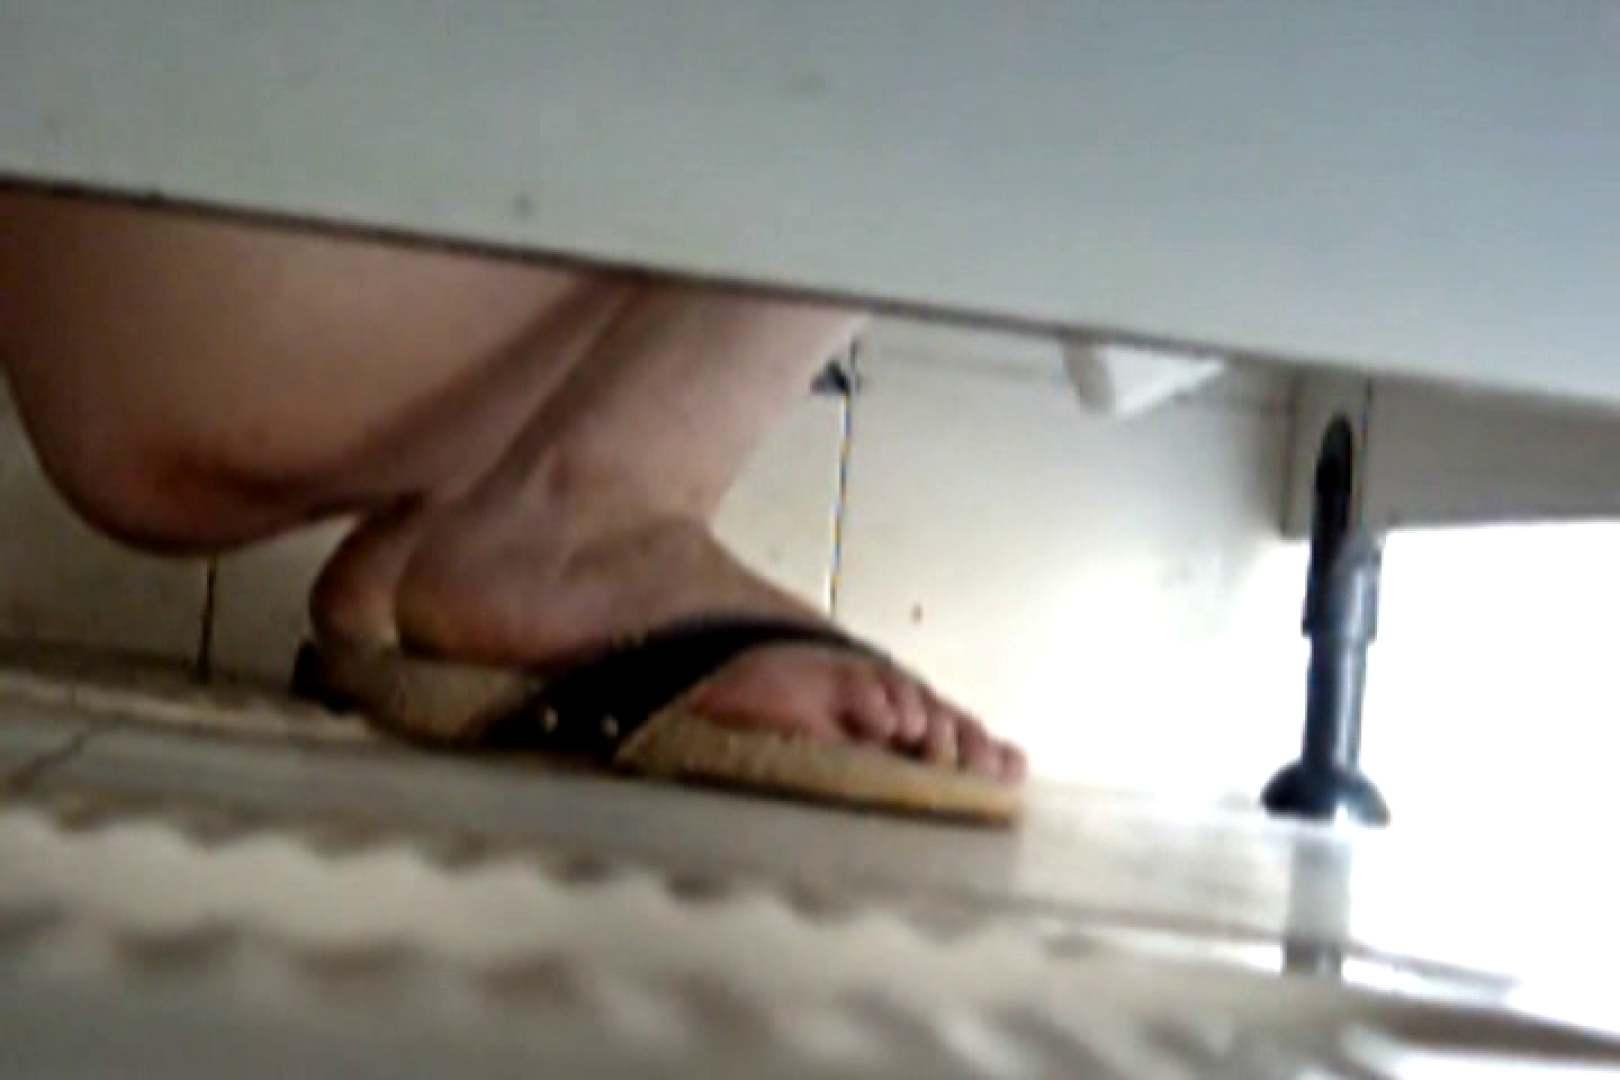 ぼっとん洗面所スペシャルVol.5 洗面所 盗み撮りAV無料動画キャプチャ 88PICs 77